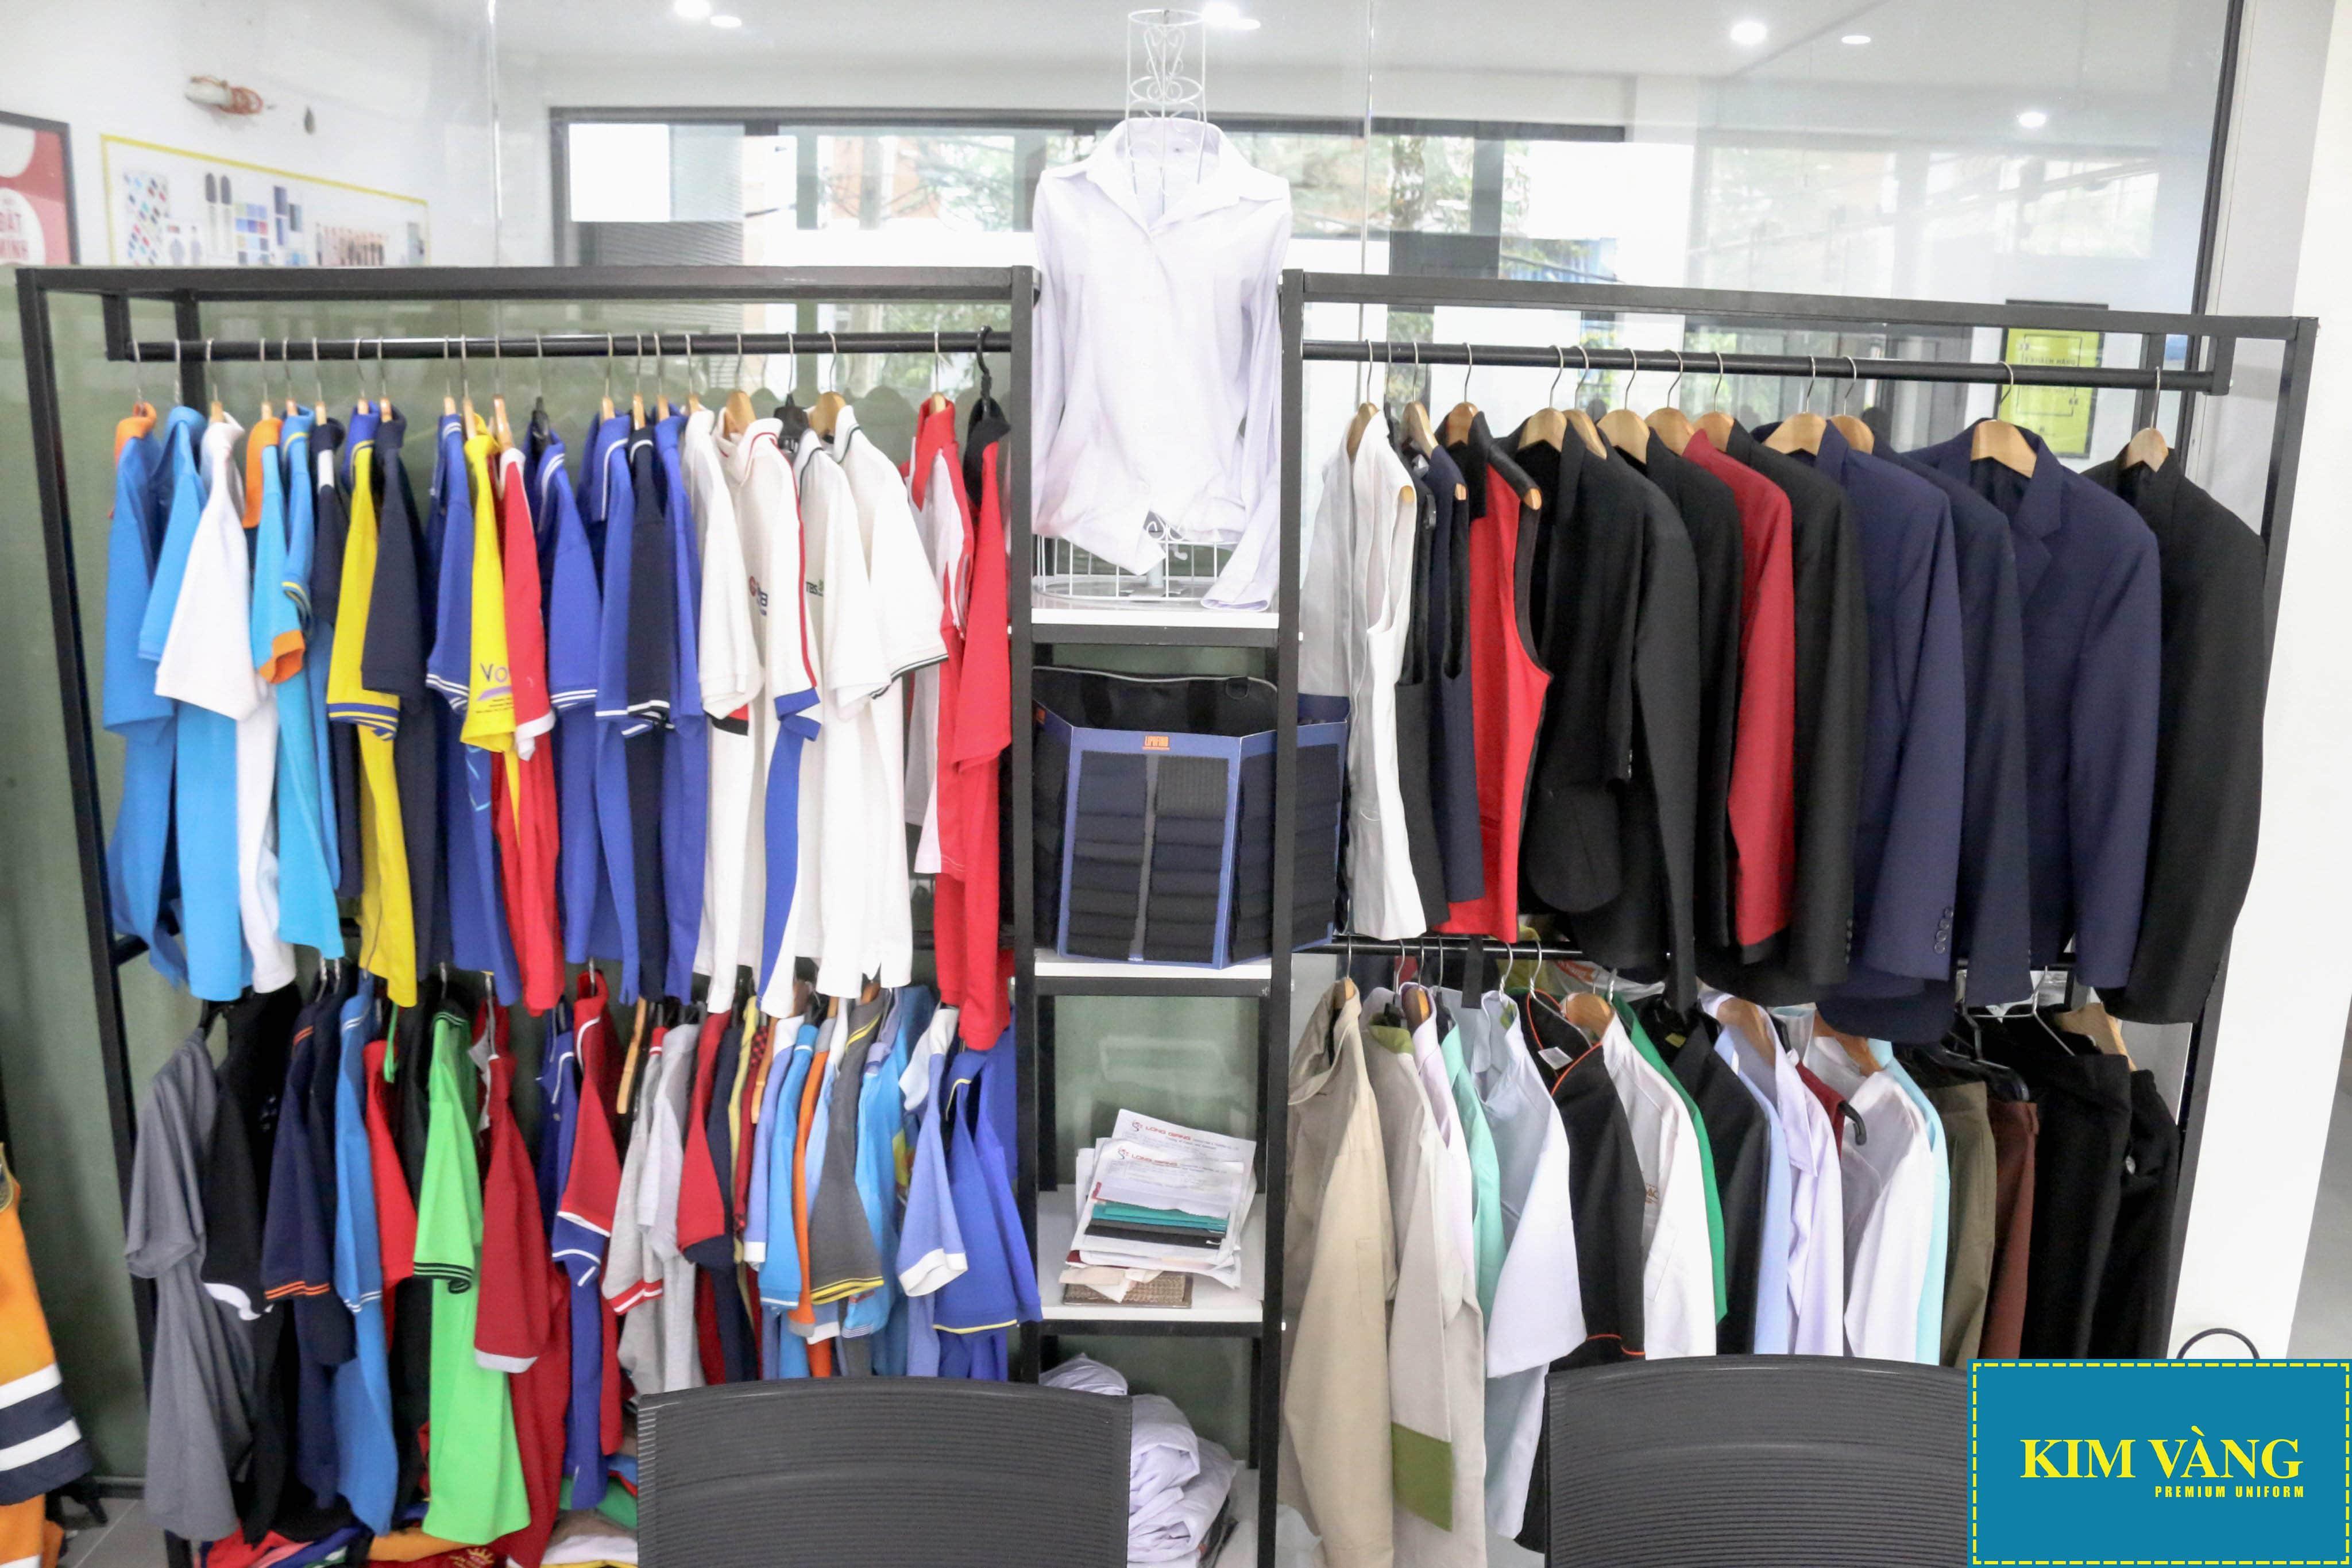 Kim Vàng - Địa Chỉ May Áo Thun Giá Rẻ Tại Xưởng Ở Tân Bình